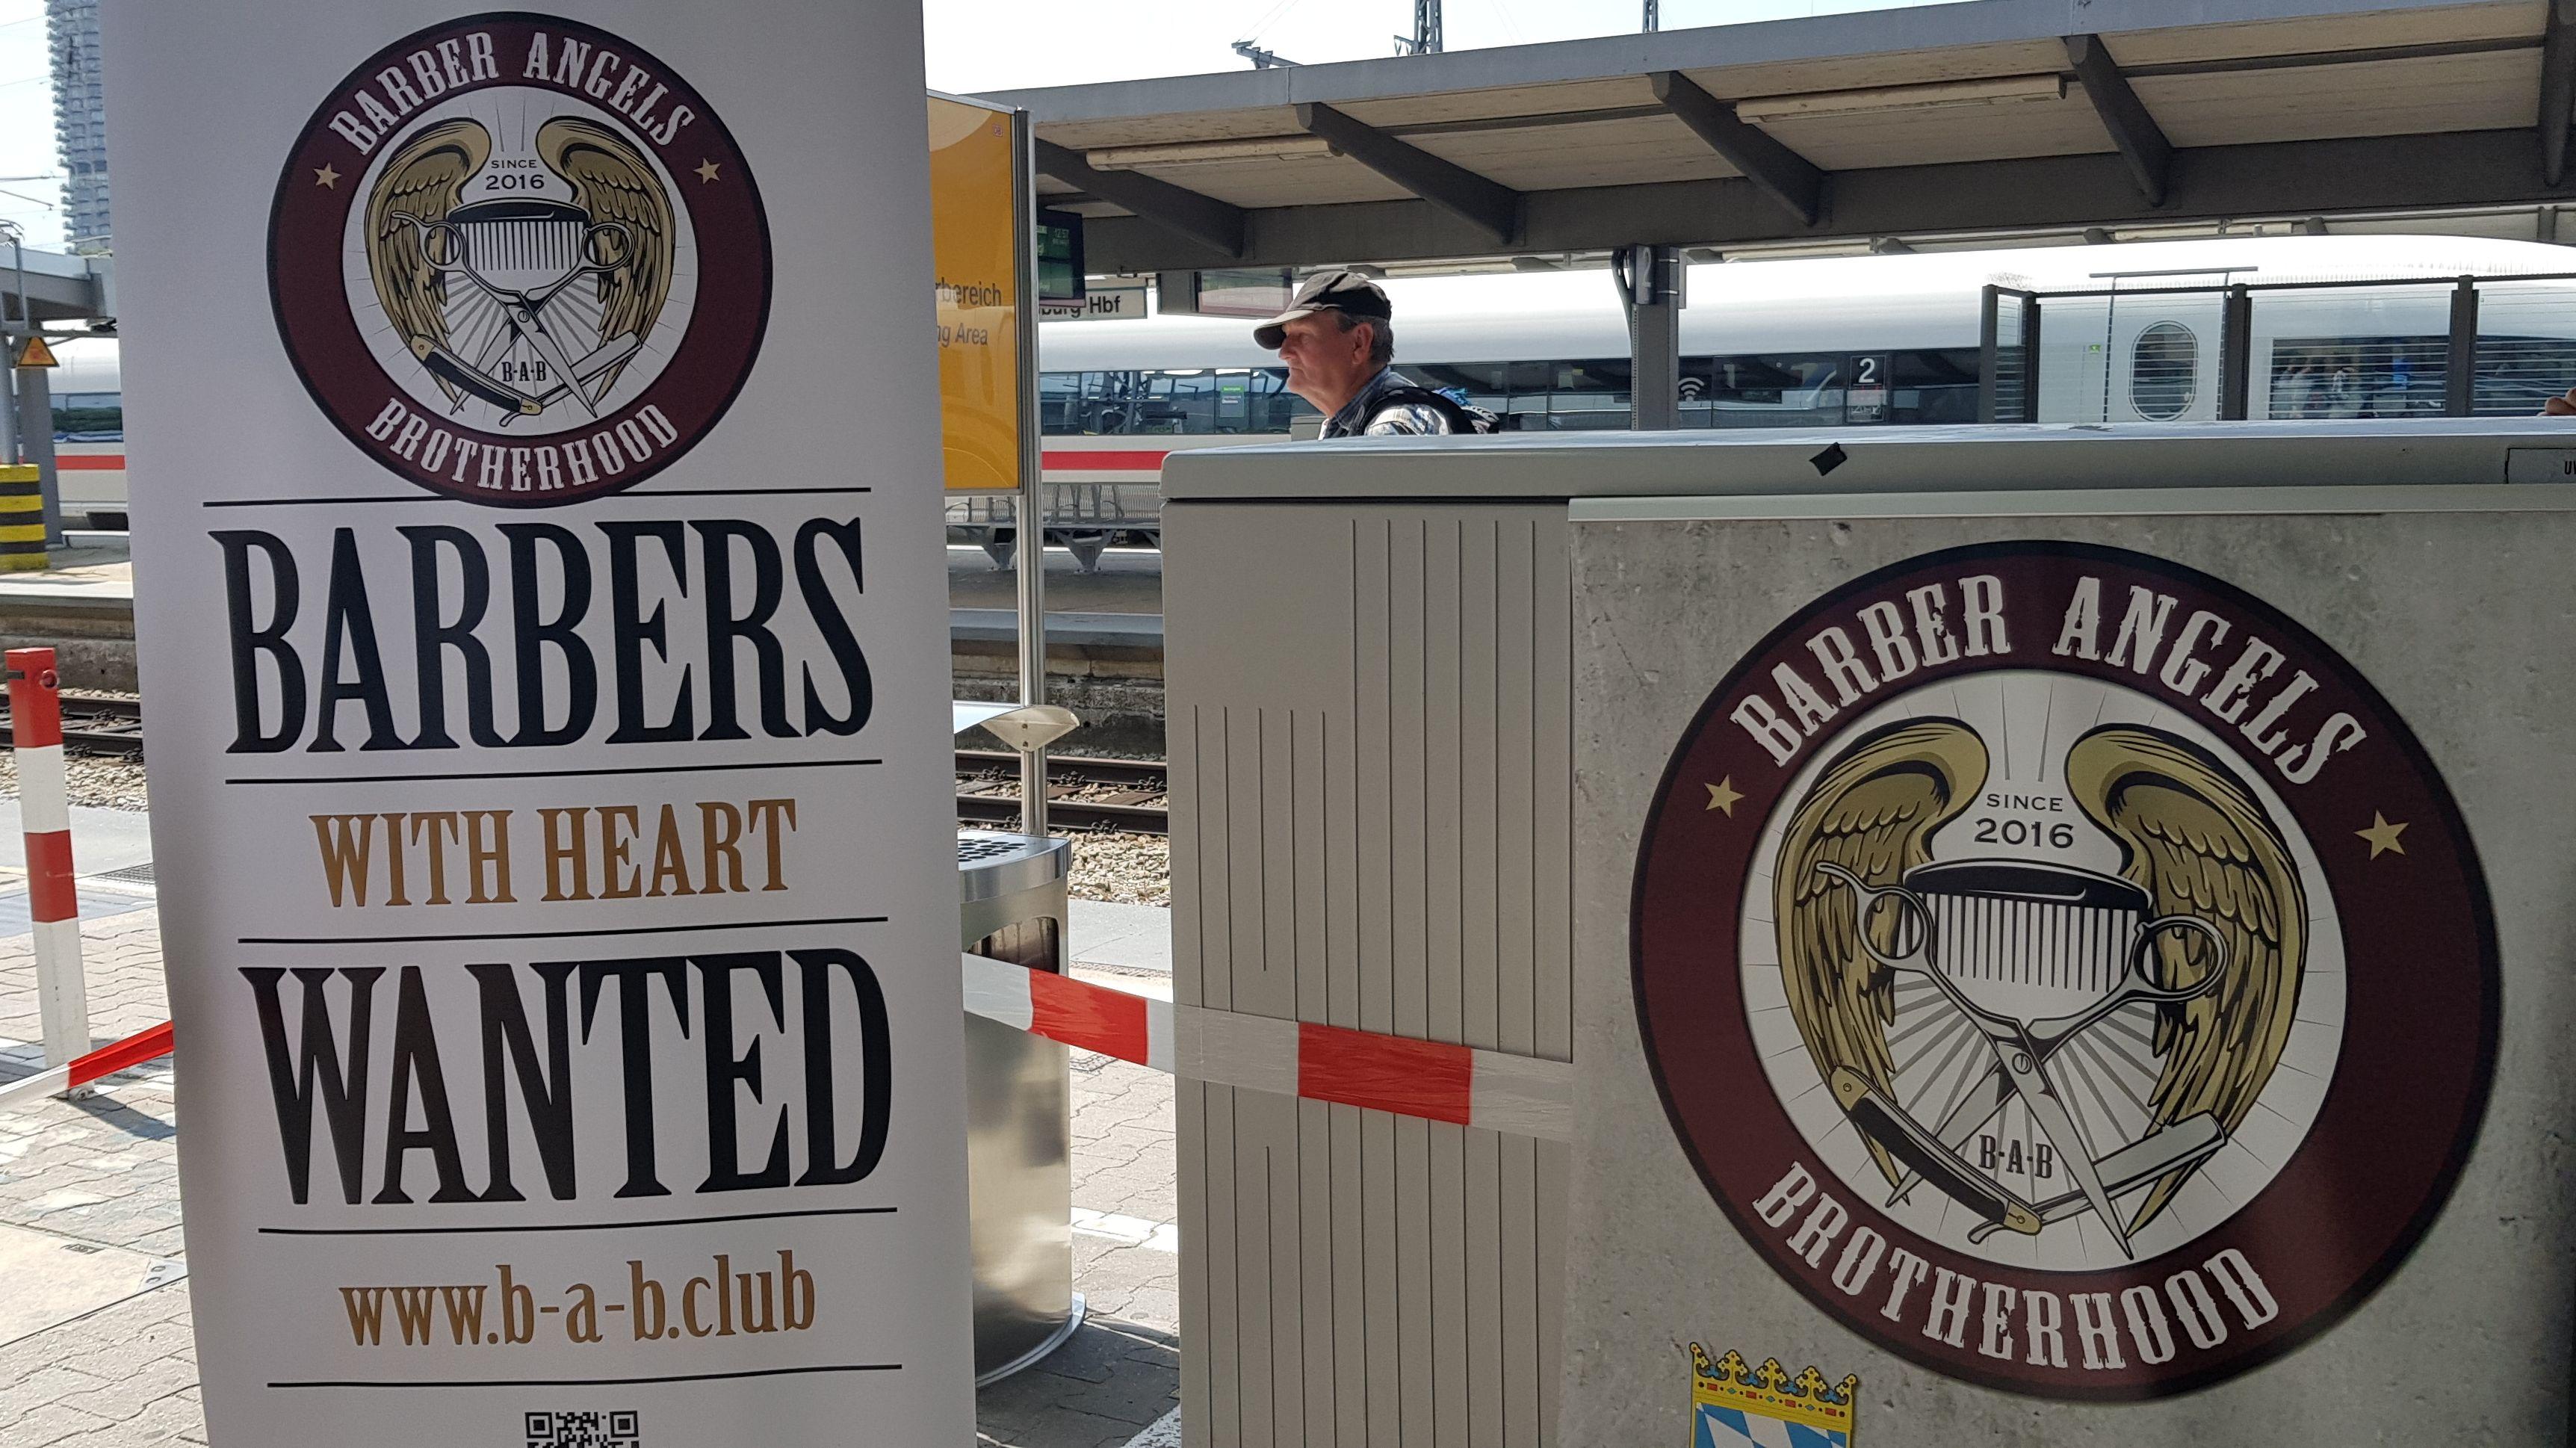 """Werbeplakat für den Verein """"Barber Angels Brotherhood""""."""